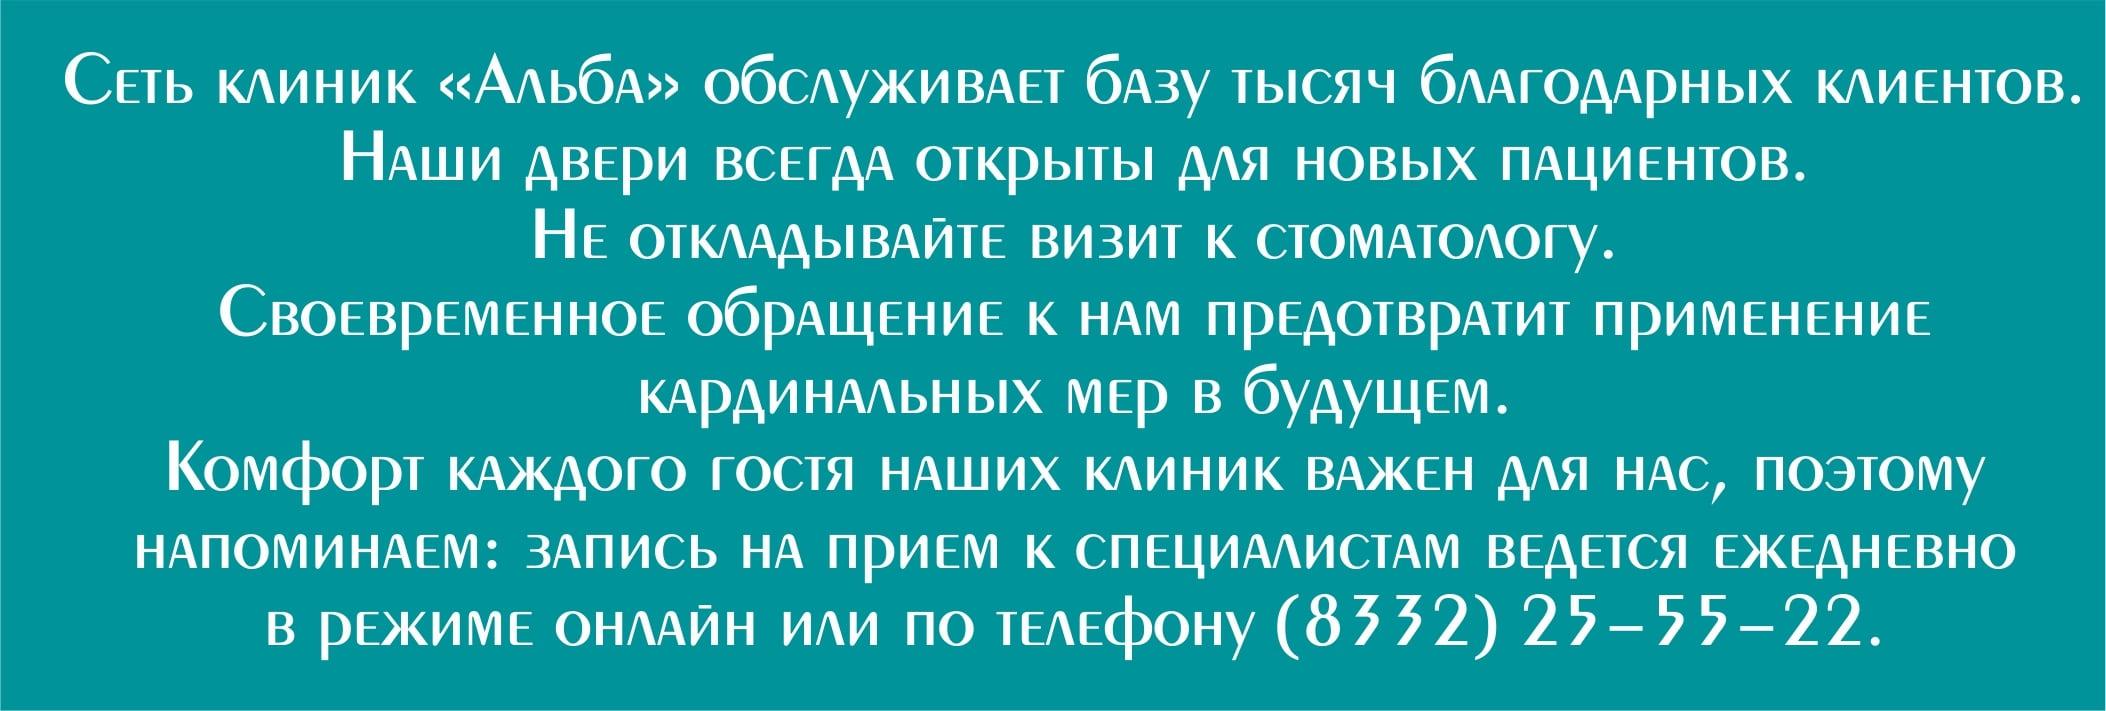 Стоматология семейная_02